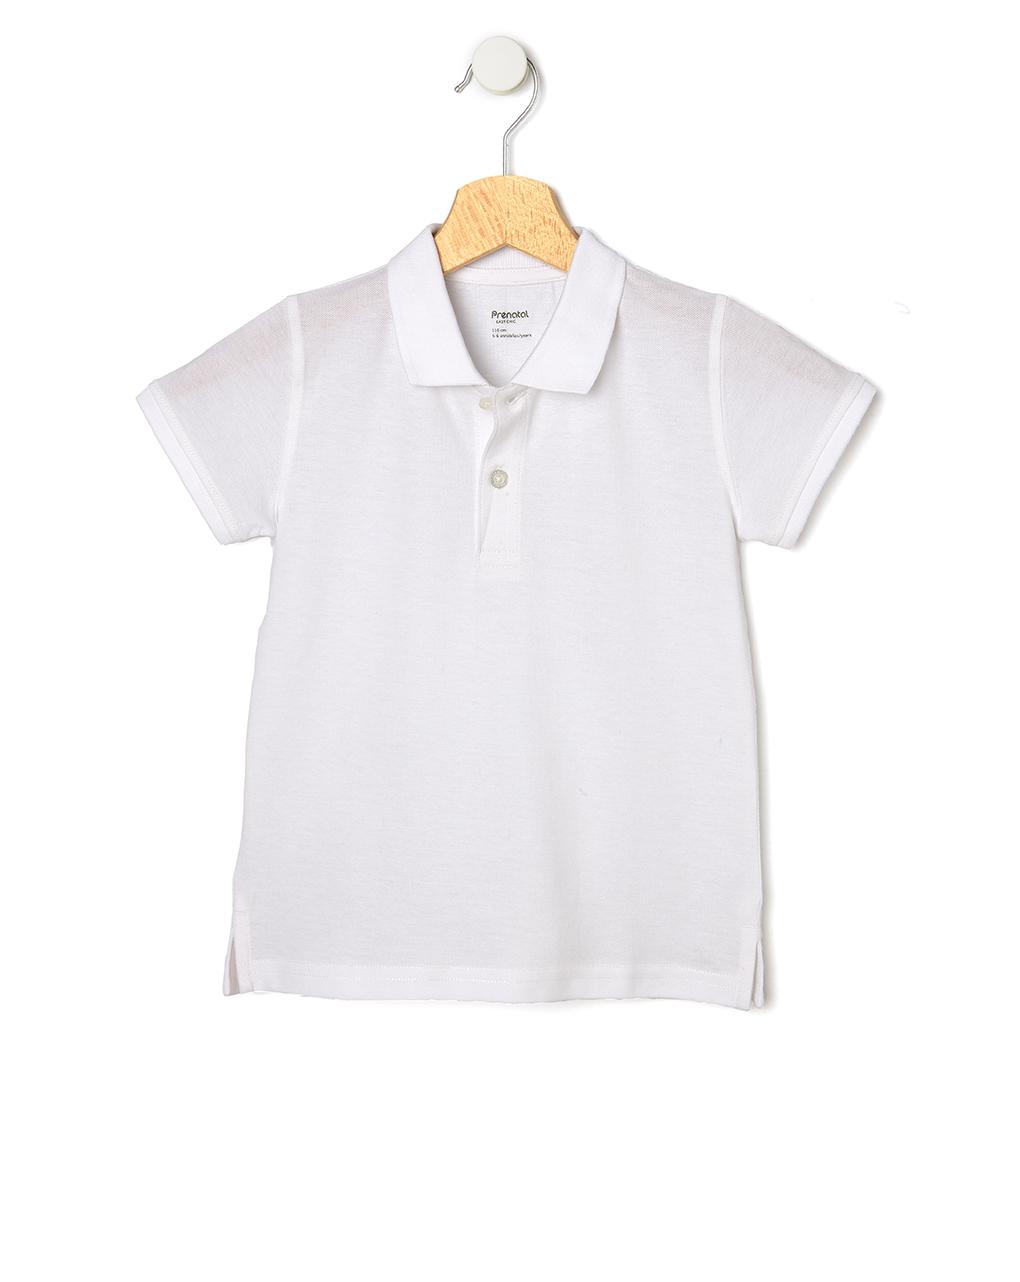 Mπλούζα Πόλο Πικέ Λευκή Μεγ.8-9/9-10 Ετών για Αγόρι